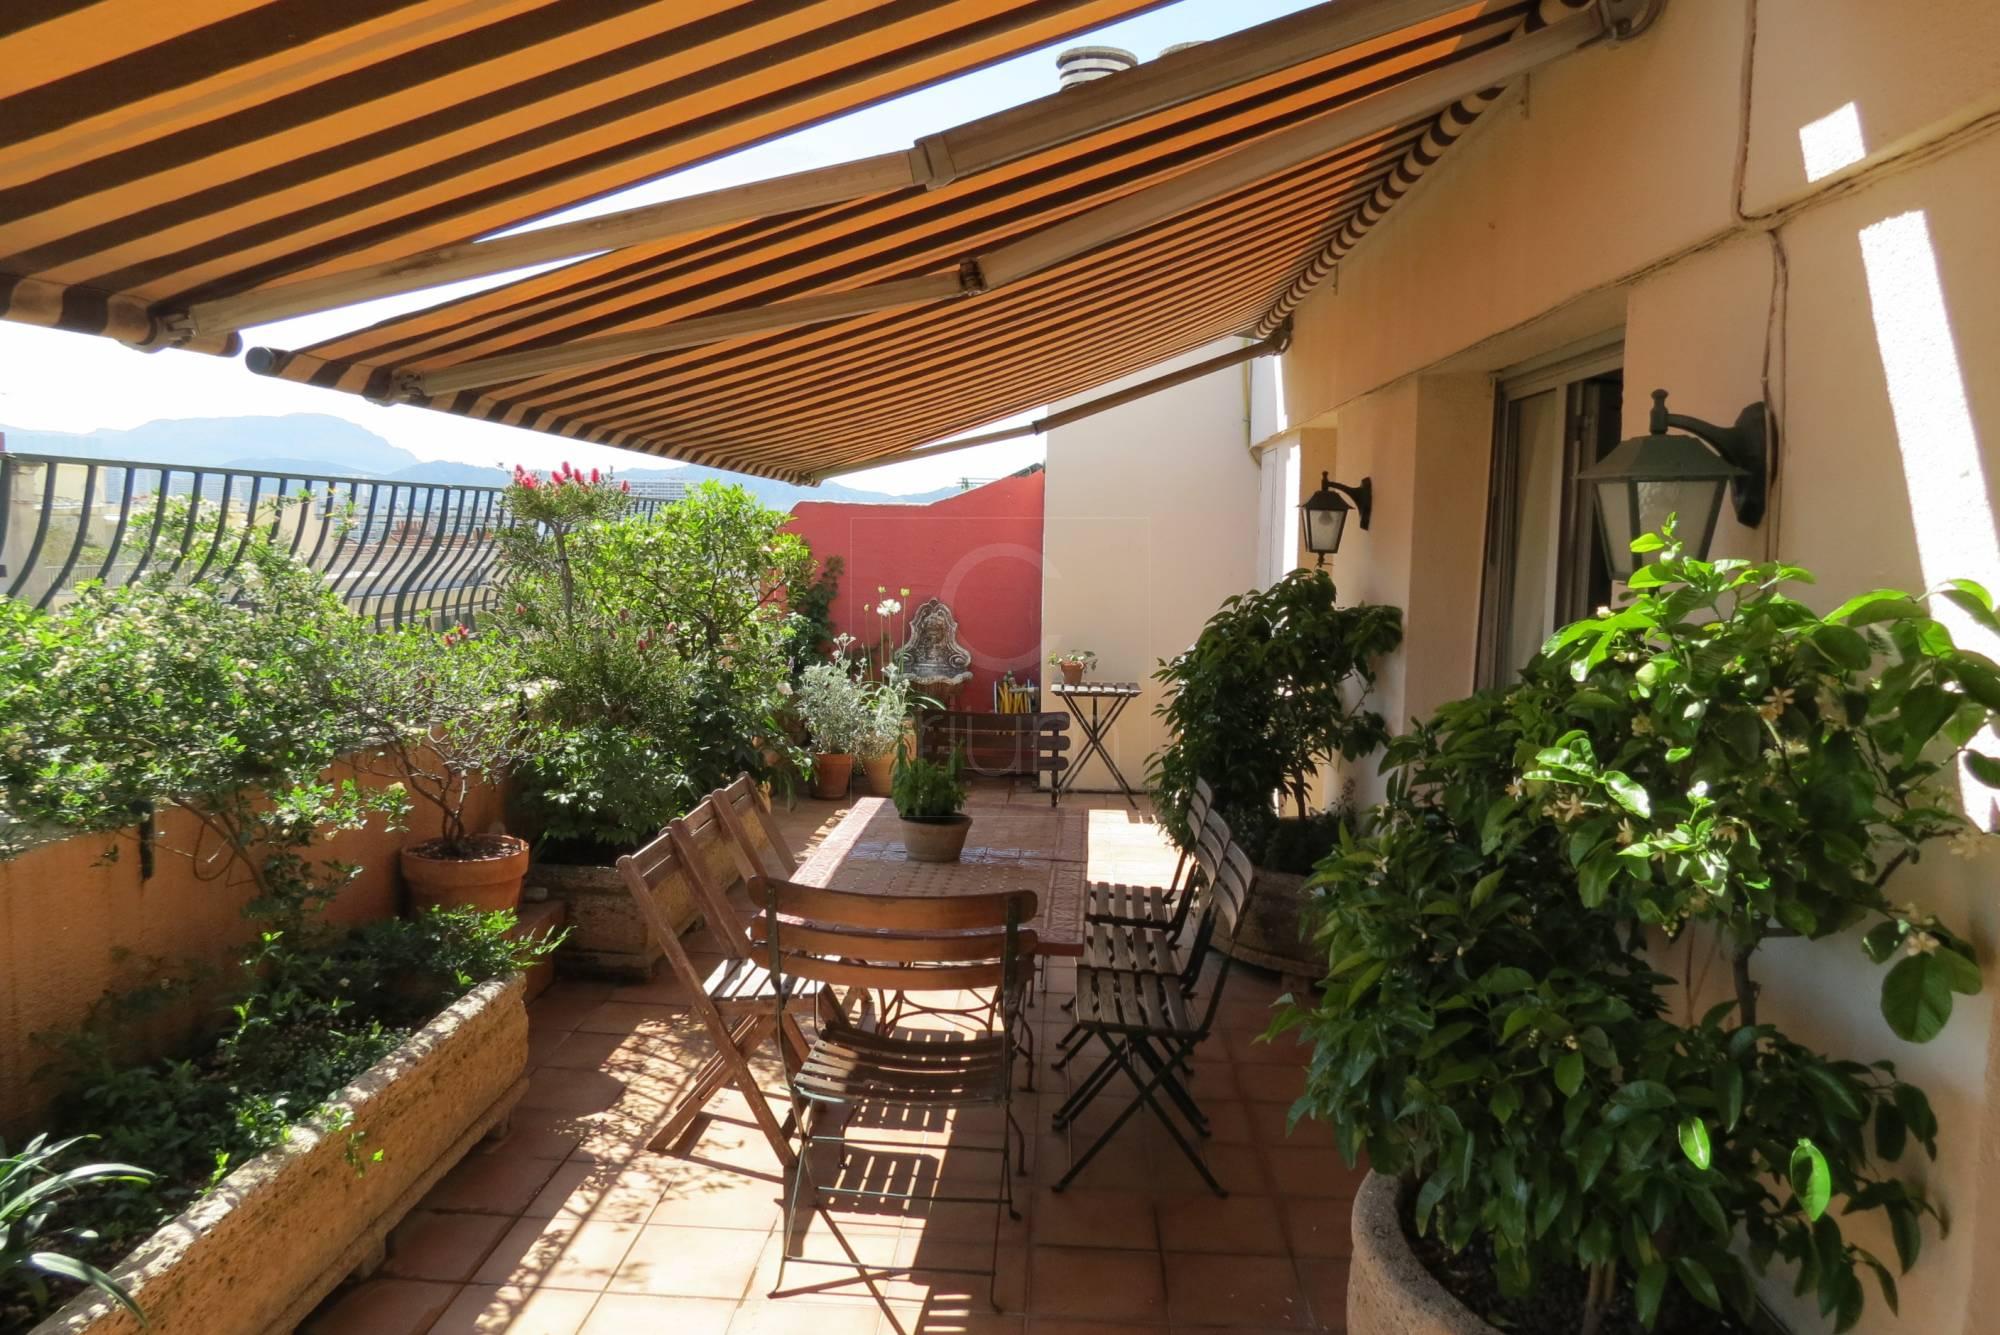 vente appartement t4 f4 marseille 8eme rue paradis toit